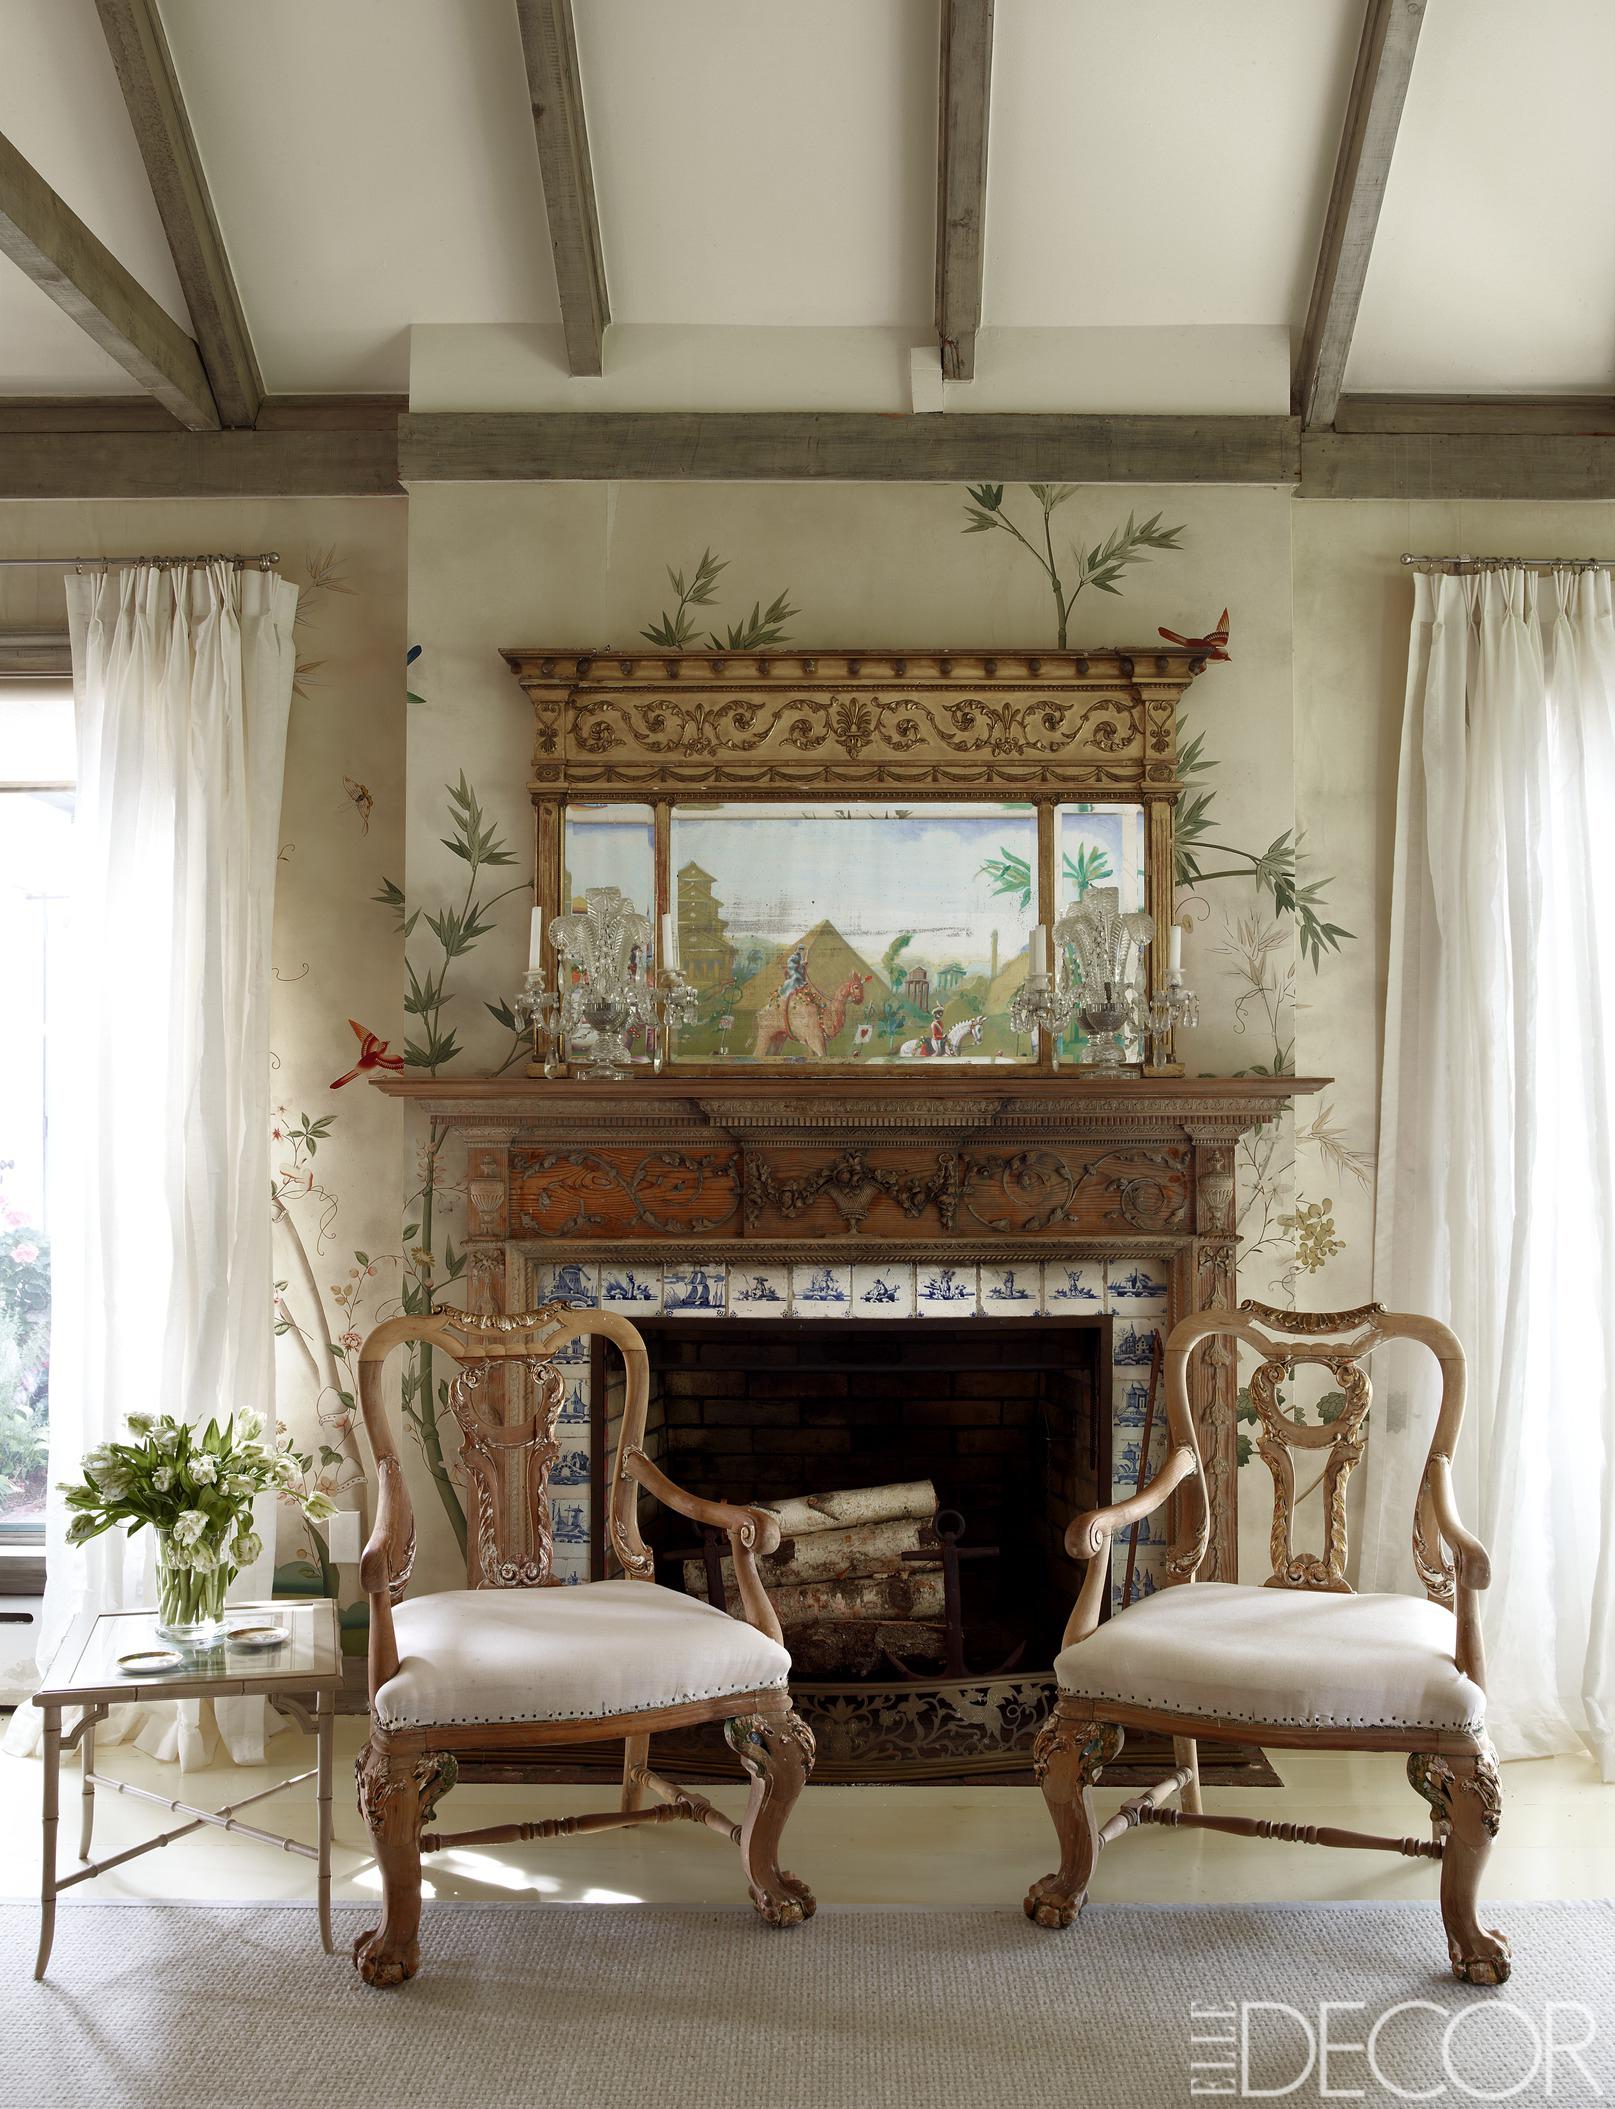 50 Cozy French Country Living Room Ideas - Gladecor.com